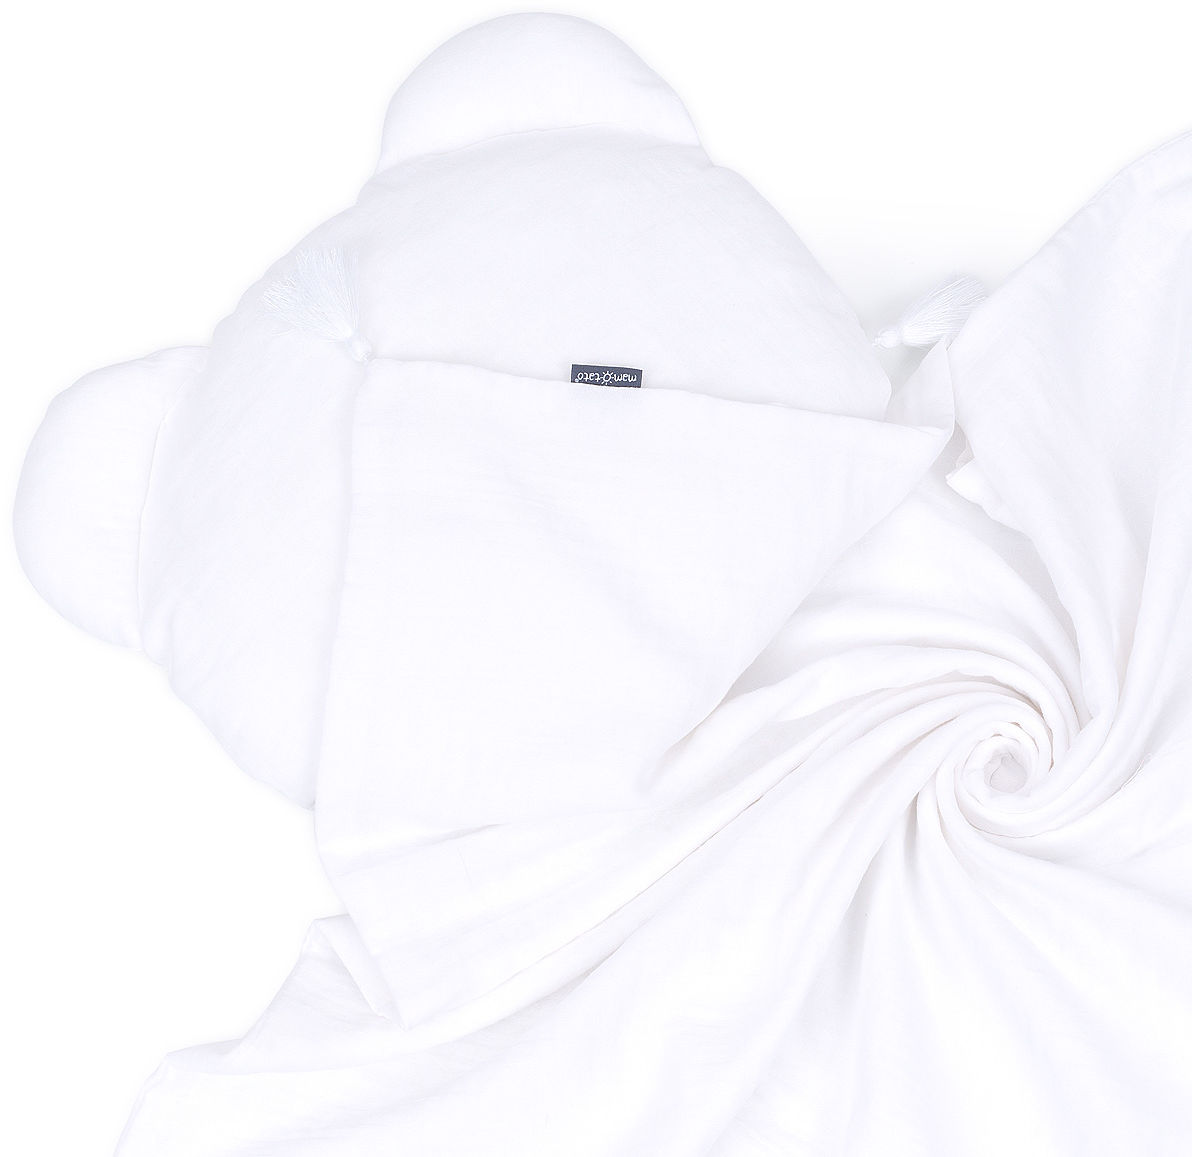 MAMO-TATO Komplet kocyk muślinowy + poduszka MIŚ Double Gauze dla dzieci i niemowląt z chwostami - Biały